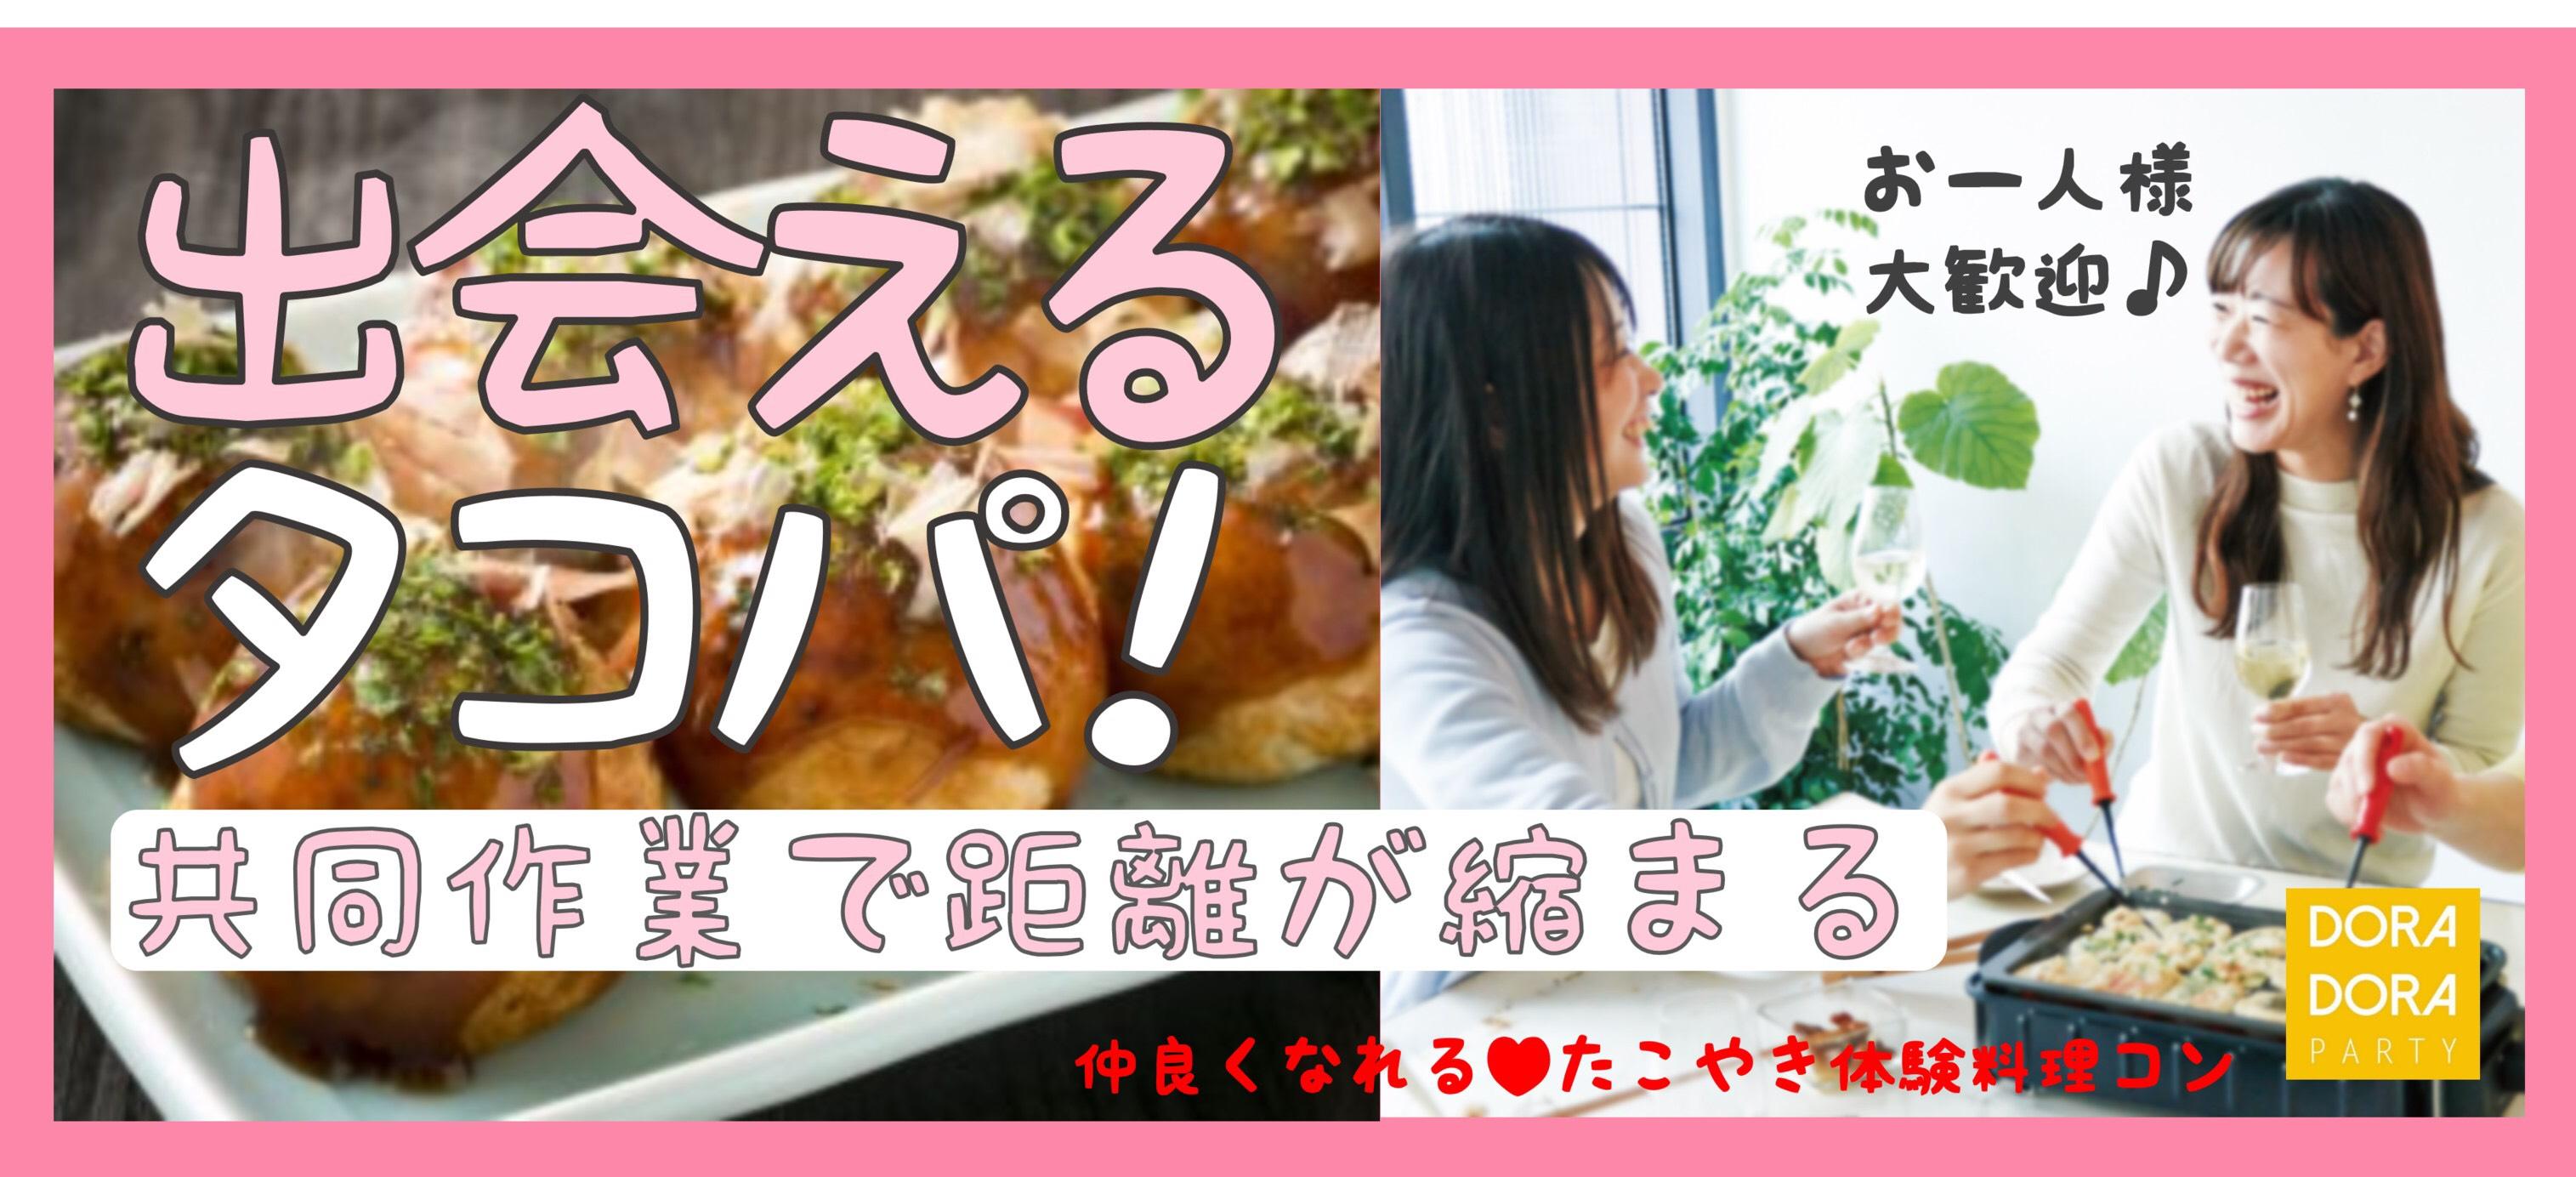 10/28 渋谷 30代限定  秋の訪れは出会いの訪れ☆渋谷のレトロ感漂うお洒落ダイニングでワンランク上の大人のたこ焼き街コン